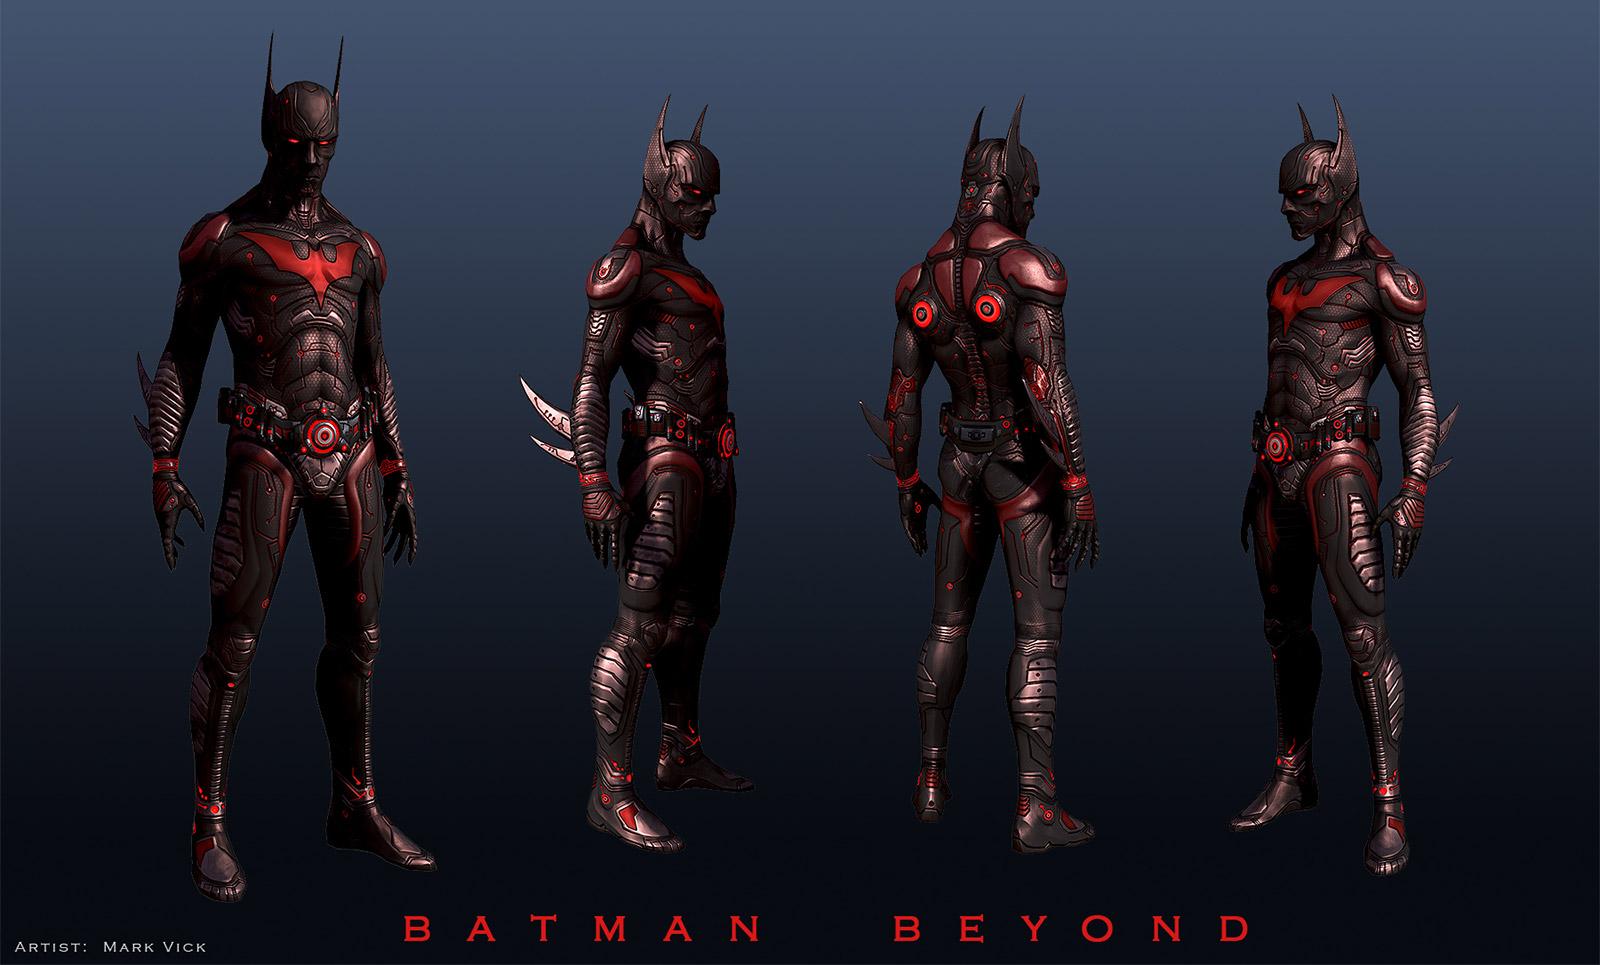 batmanbeyond21320123.jpg